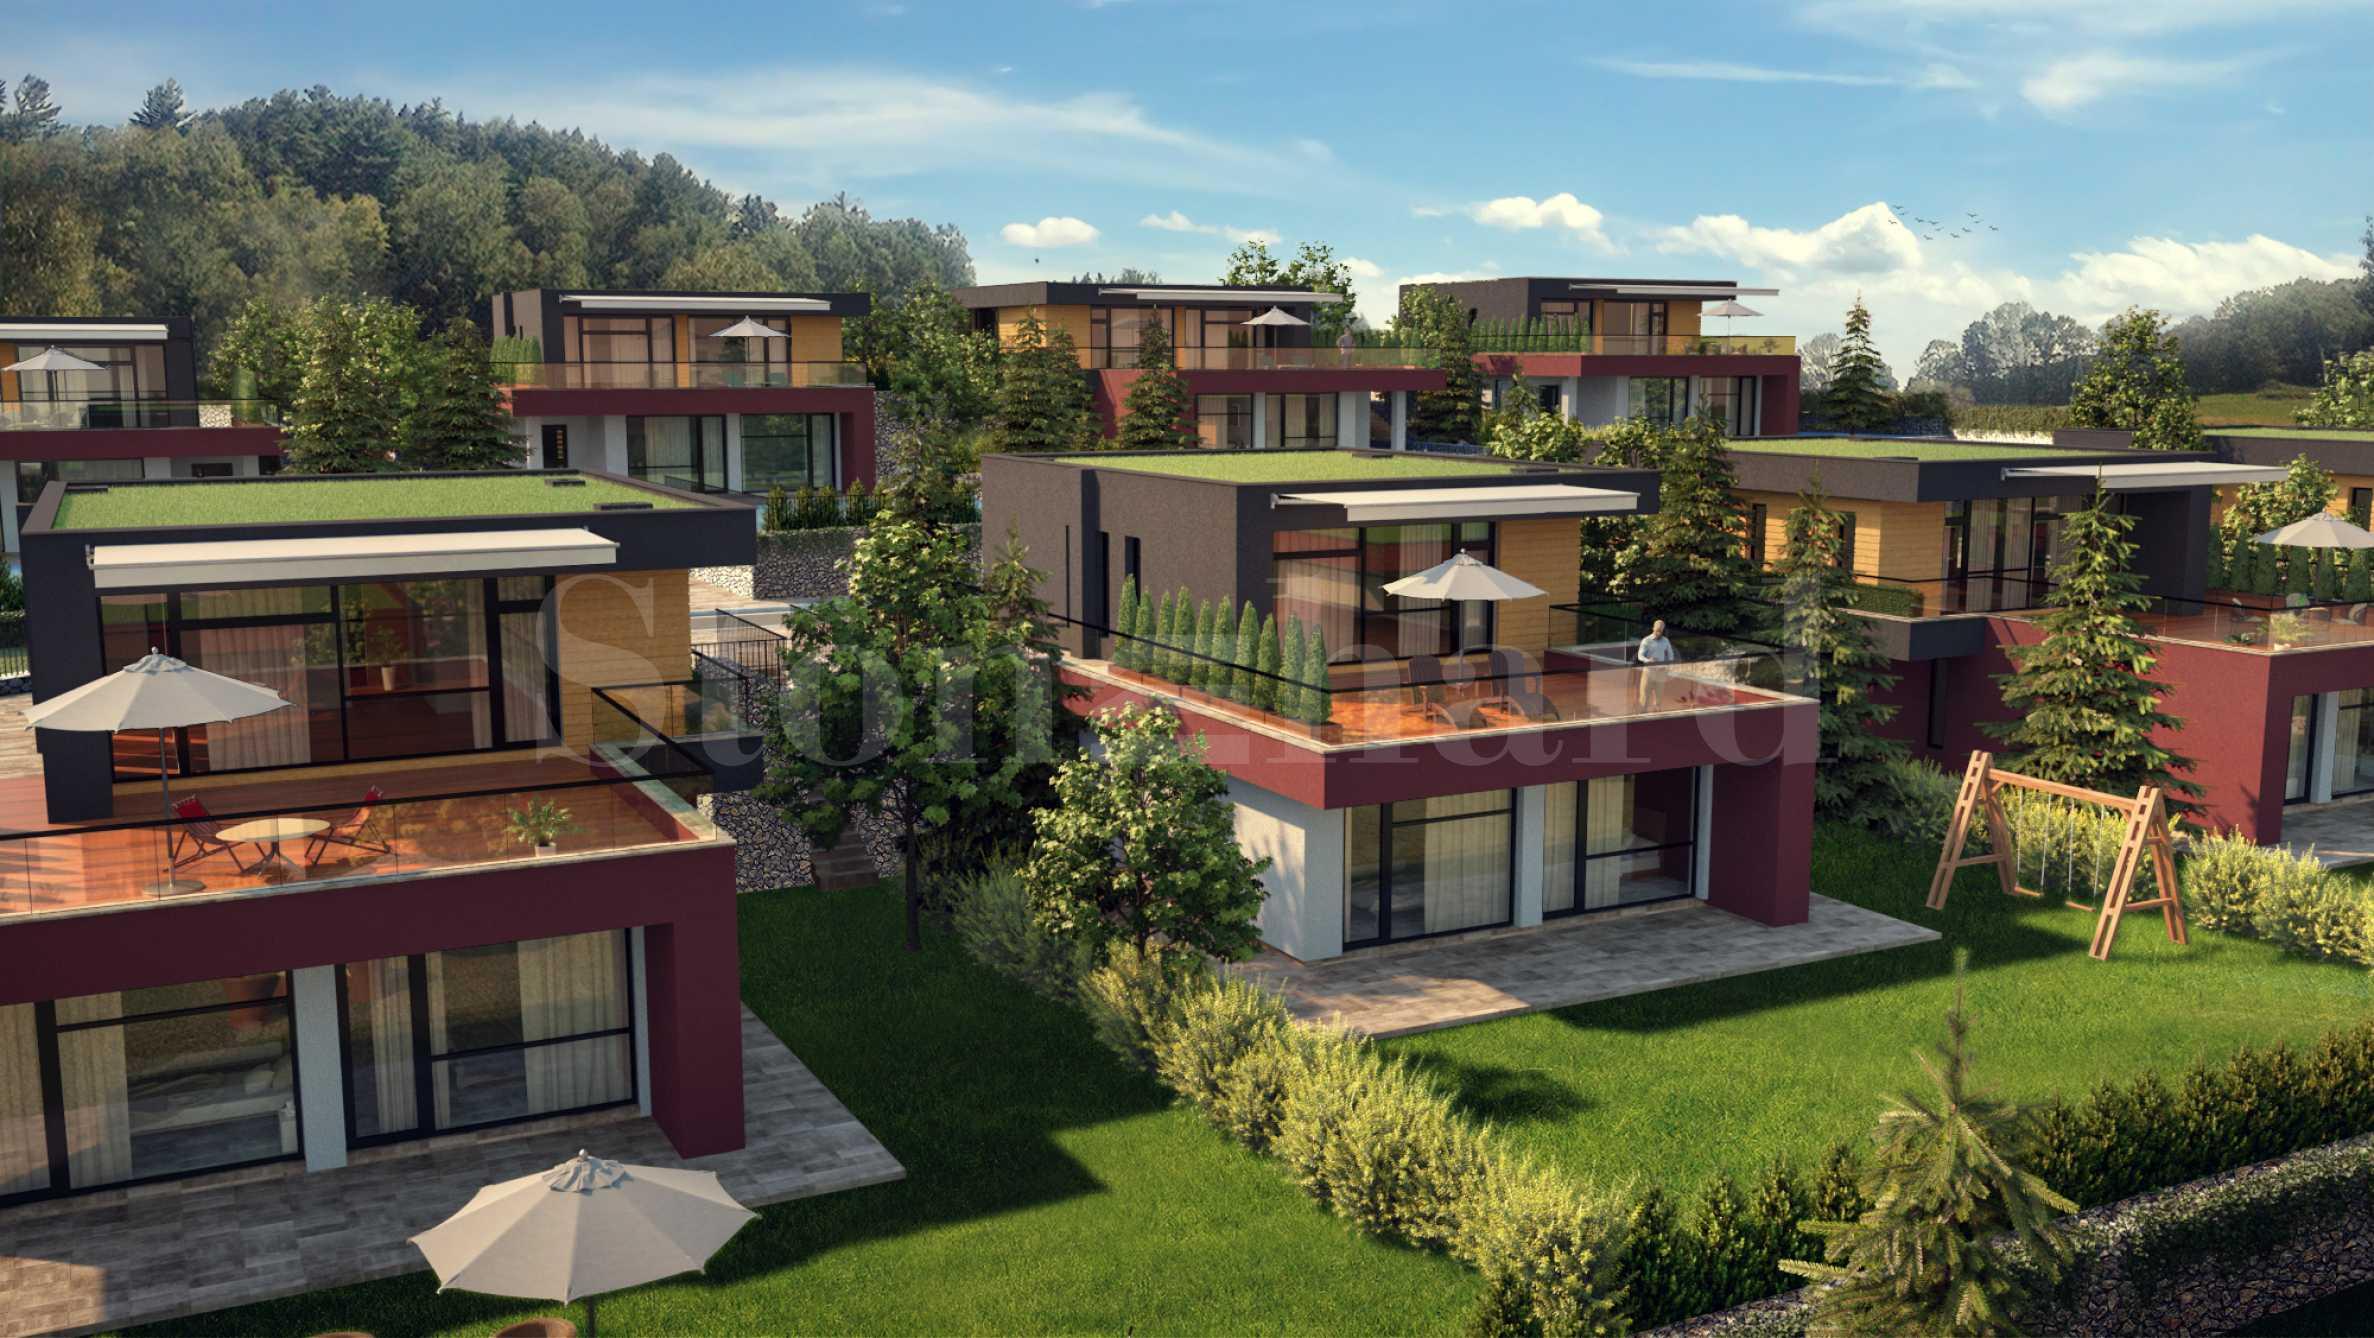 Еднофамилни къщи с озеленени дворове и басейн в нов комплекс в Перник1 - Stonehard